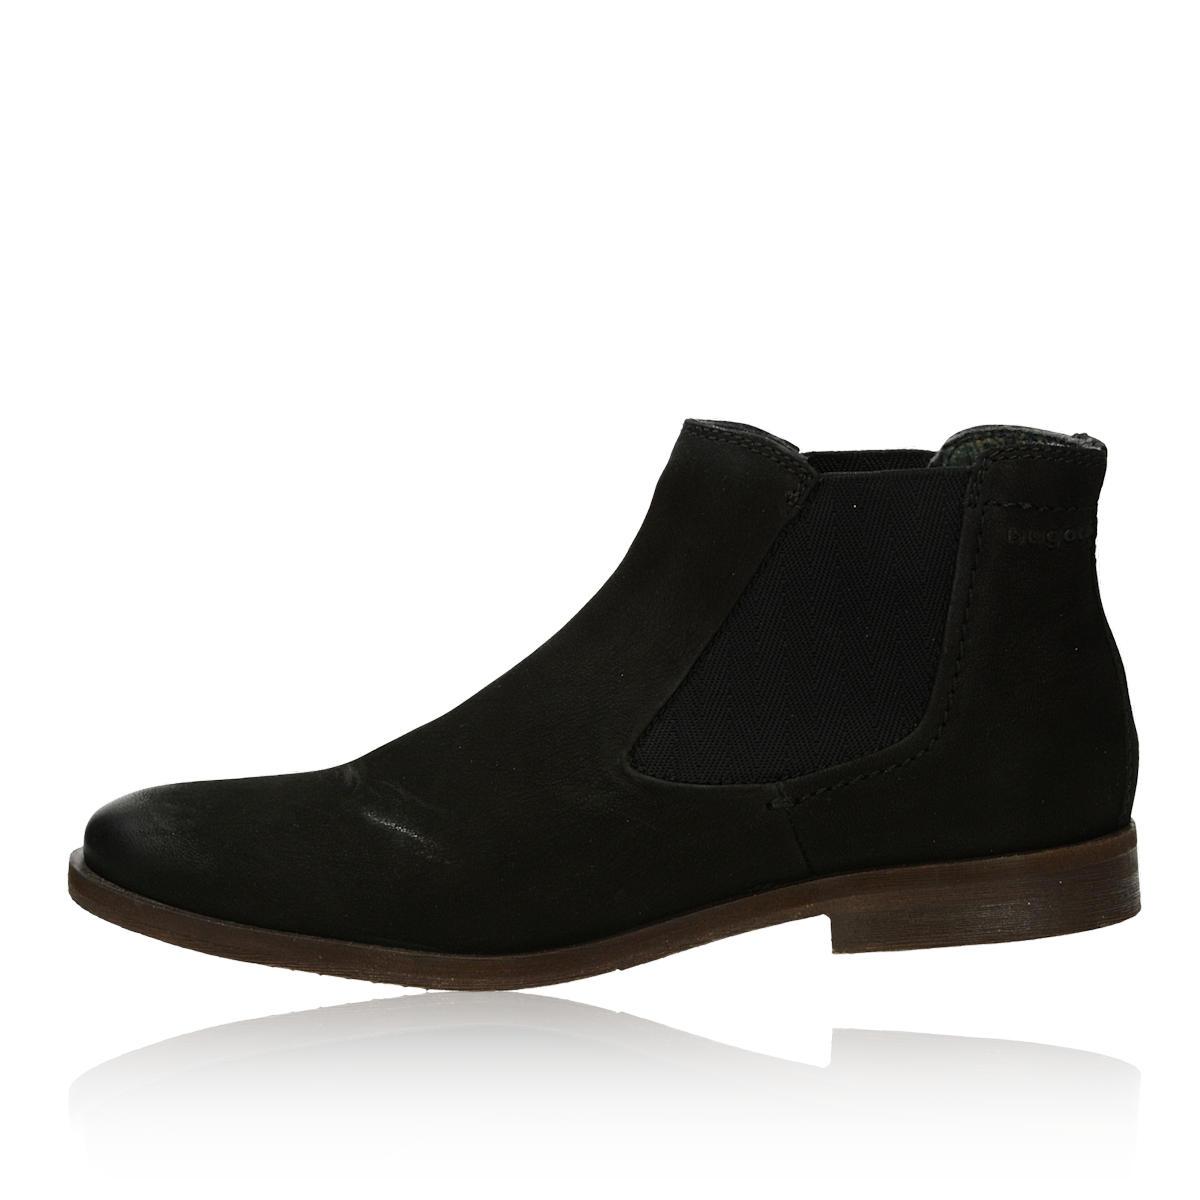 ... Bugatti pánska štýlová členková obuv - čierna ... c1100e8294e